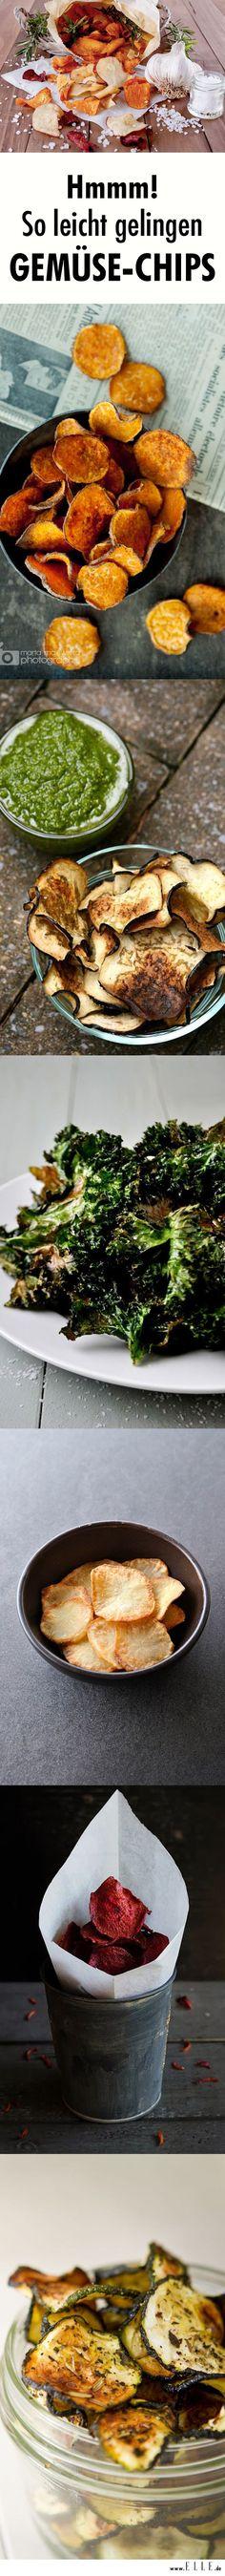 Gemüsechips sind eine gesunde Alternative zu Kartoffelchips aus dem Supermarkt. Wir zeigen, wie man die gesunden Knabbereien selbst macht.: